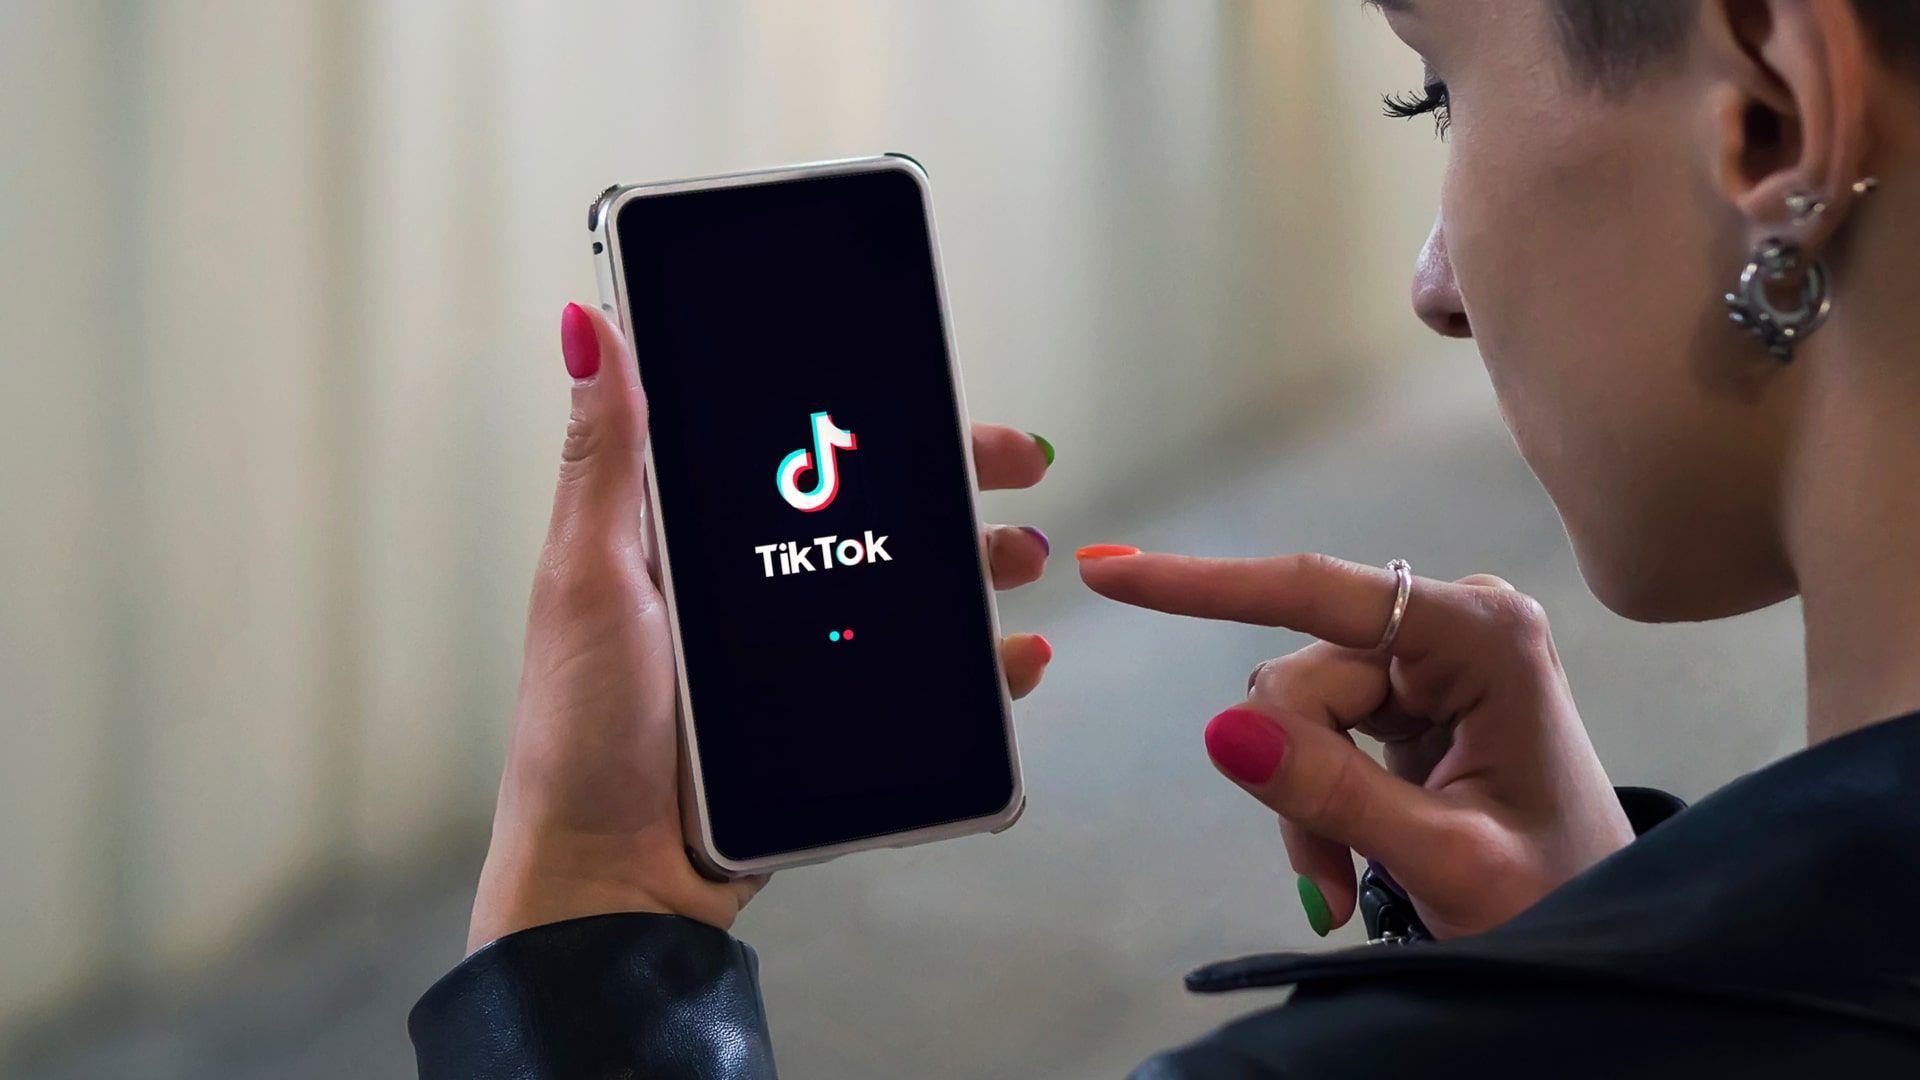 TikTok só pode ser usado por maiores de 13 anos (Foto: Shutterstock)